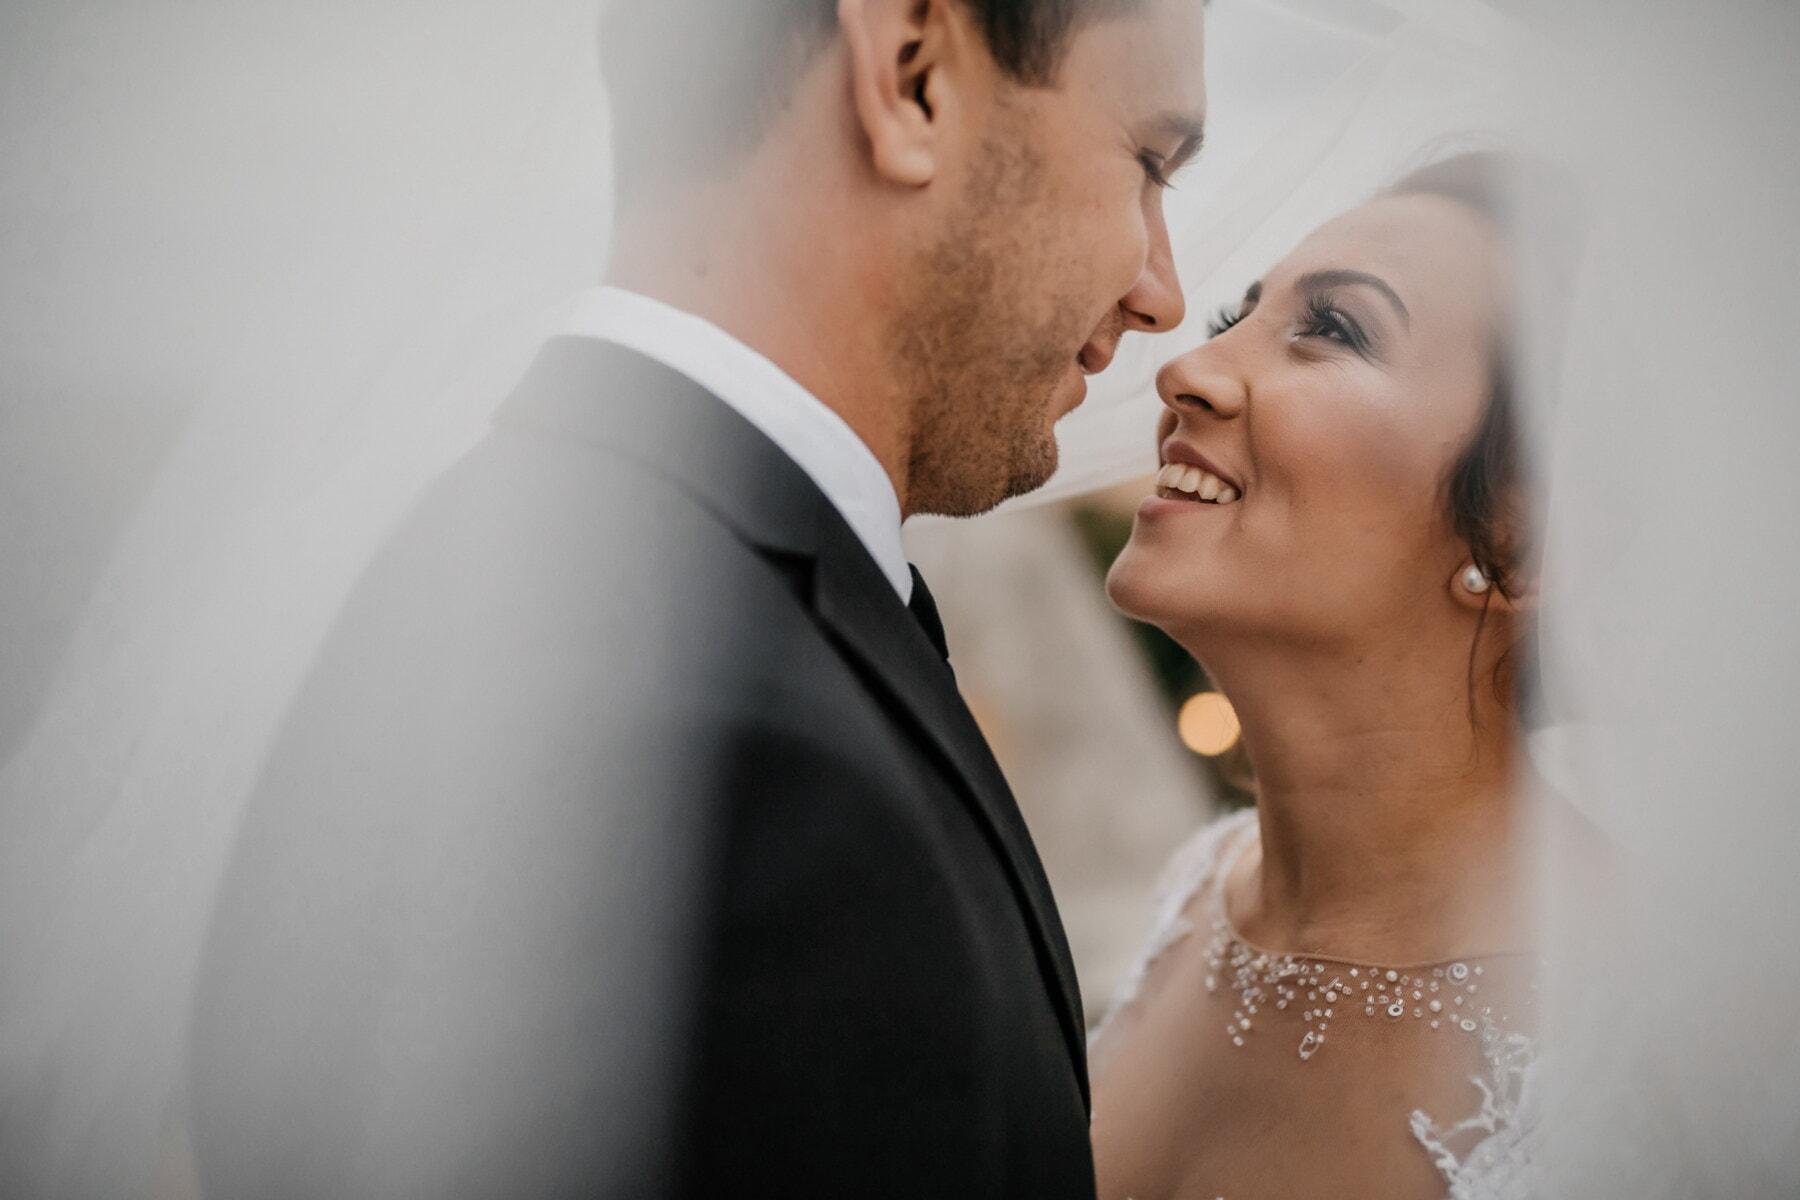 Braut, frisch verheiratet, Bräutigam, Zweisamkeit, Schleier, darunter, Frau, Liebe, Mann, Romantik